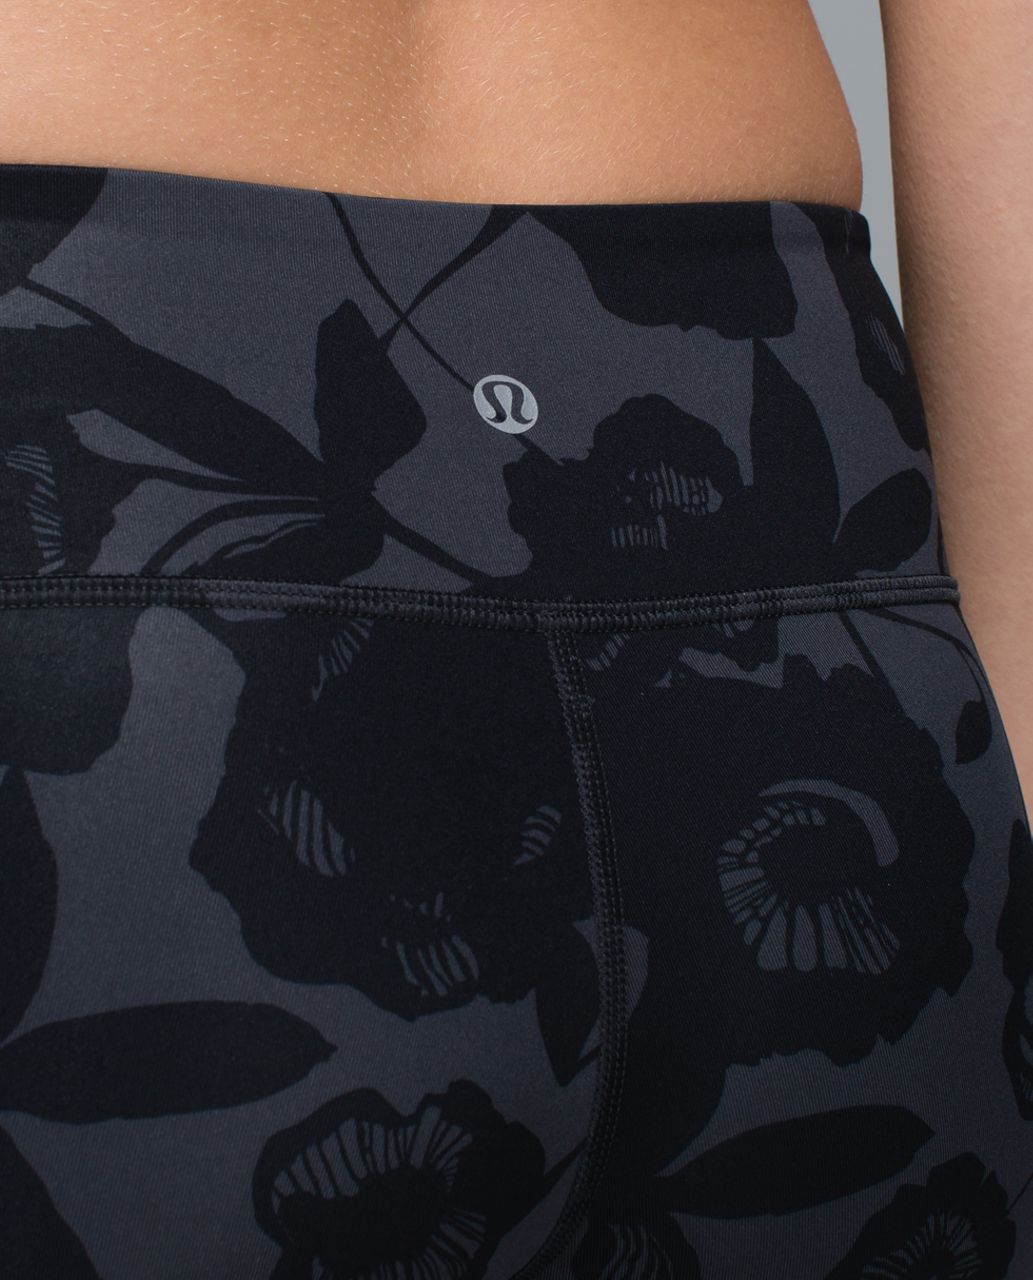 Lululemon Wunder Under Crop II *Full-On Luxtreme - Flat Inky Floral Printed Black Deep Coal / Black